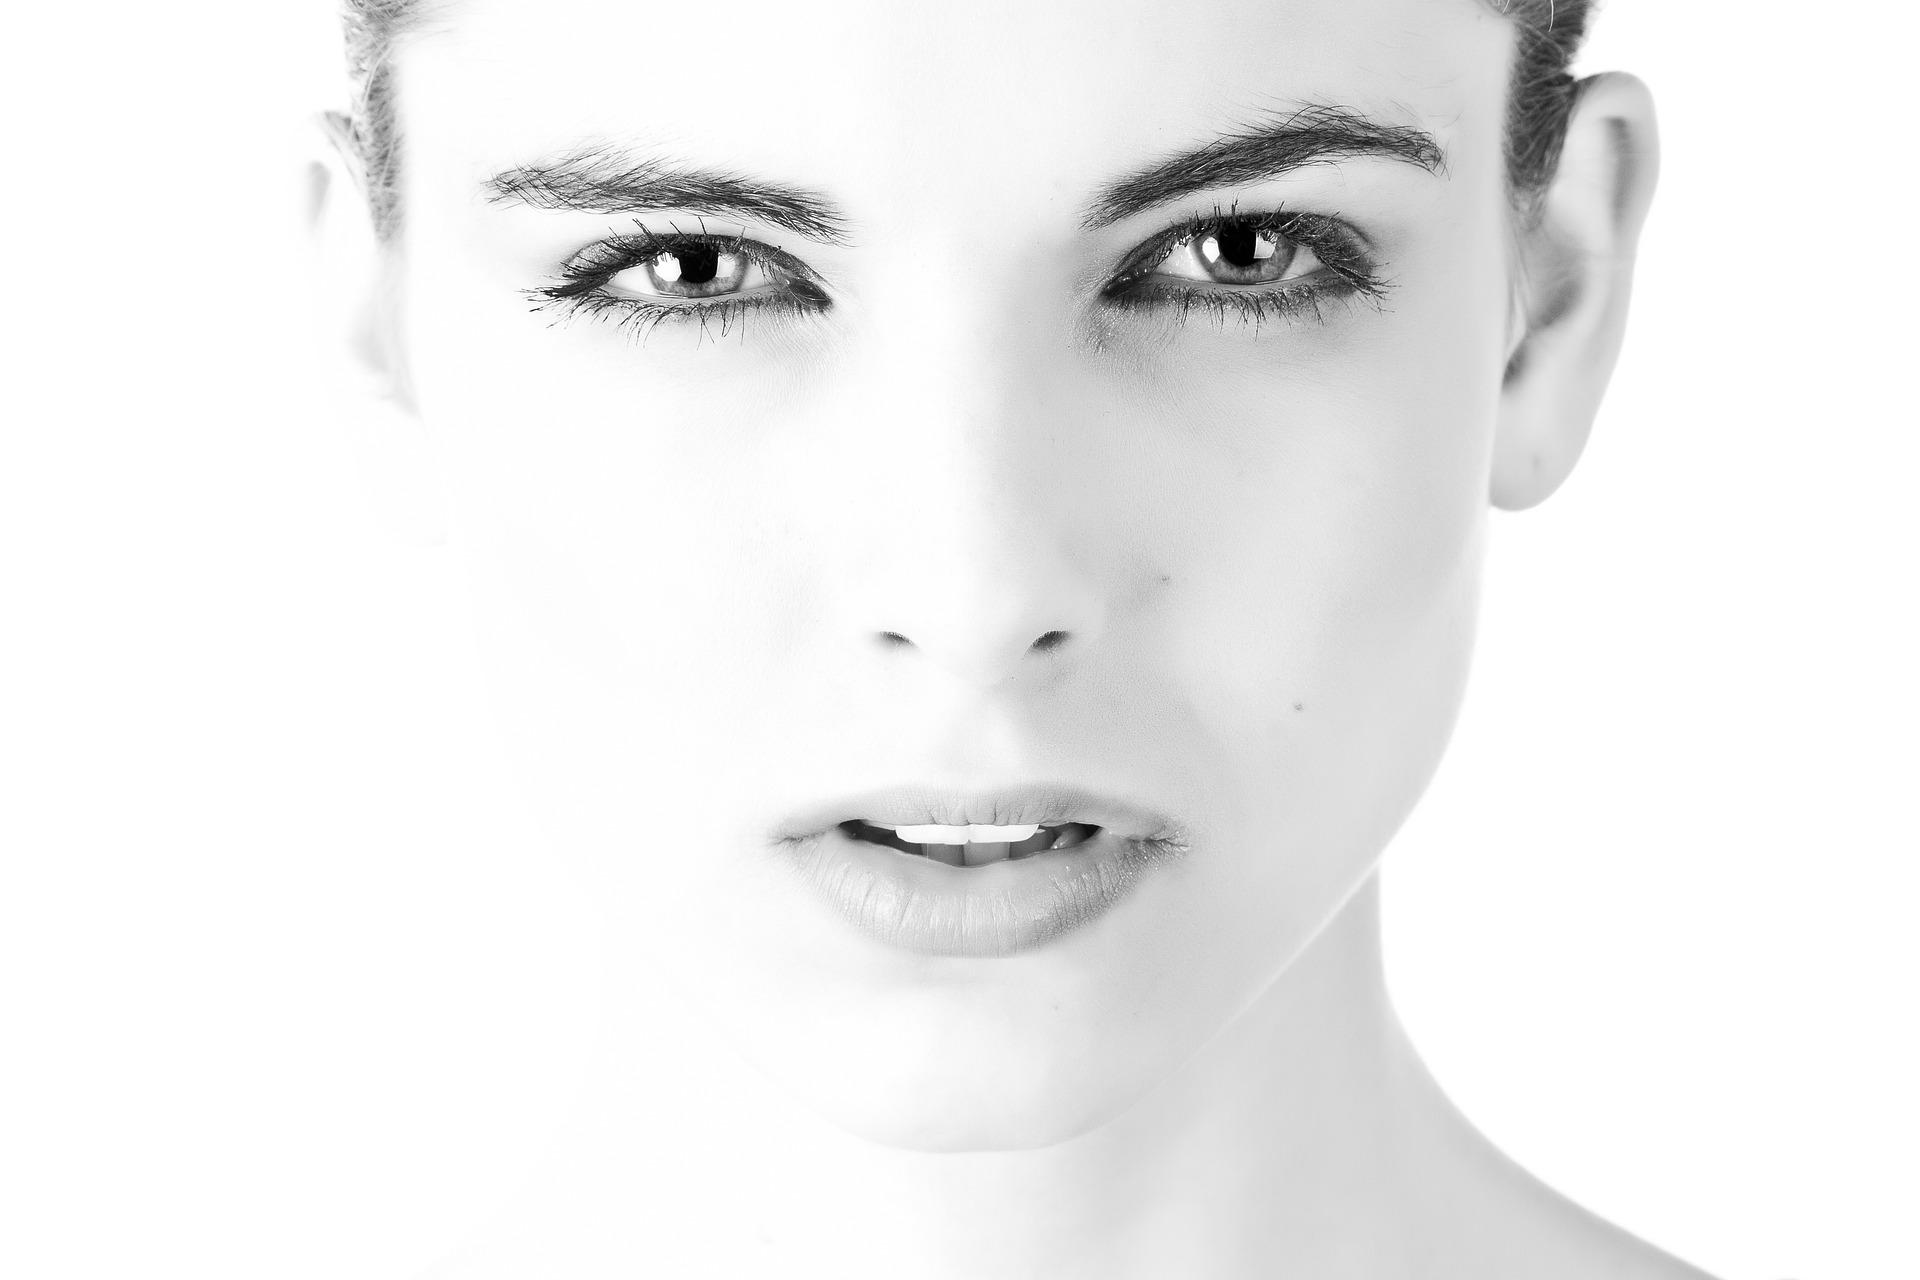 Cirugía plástica: ¿cómo es la cirugía de nariz?